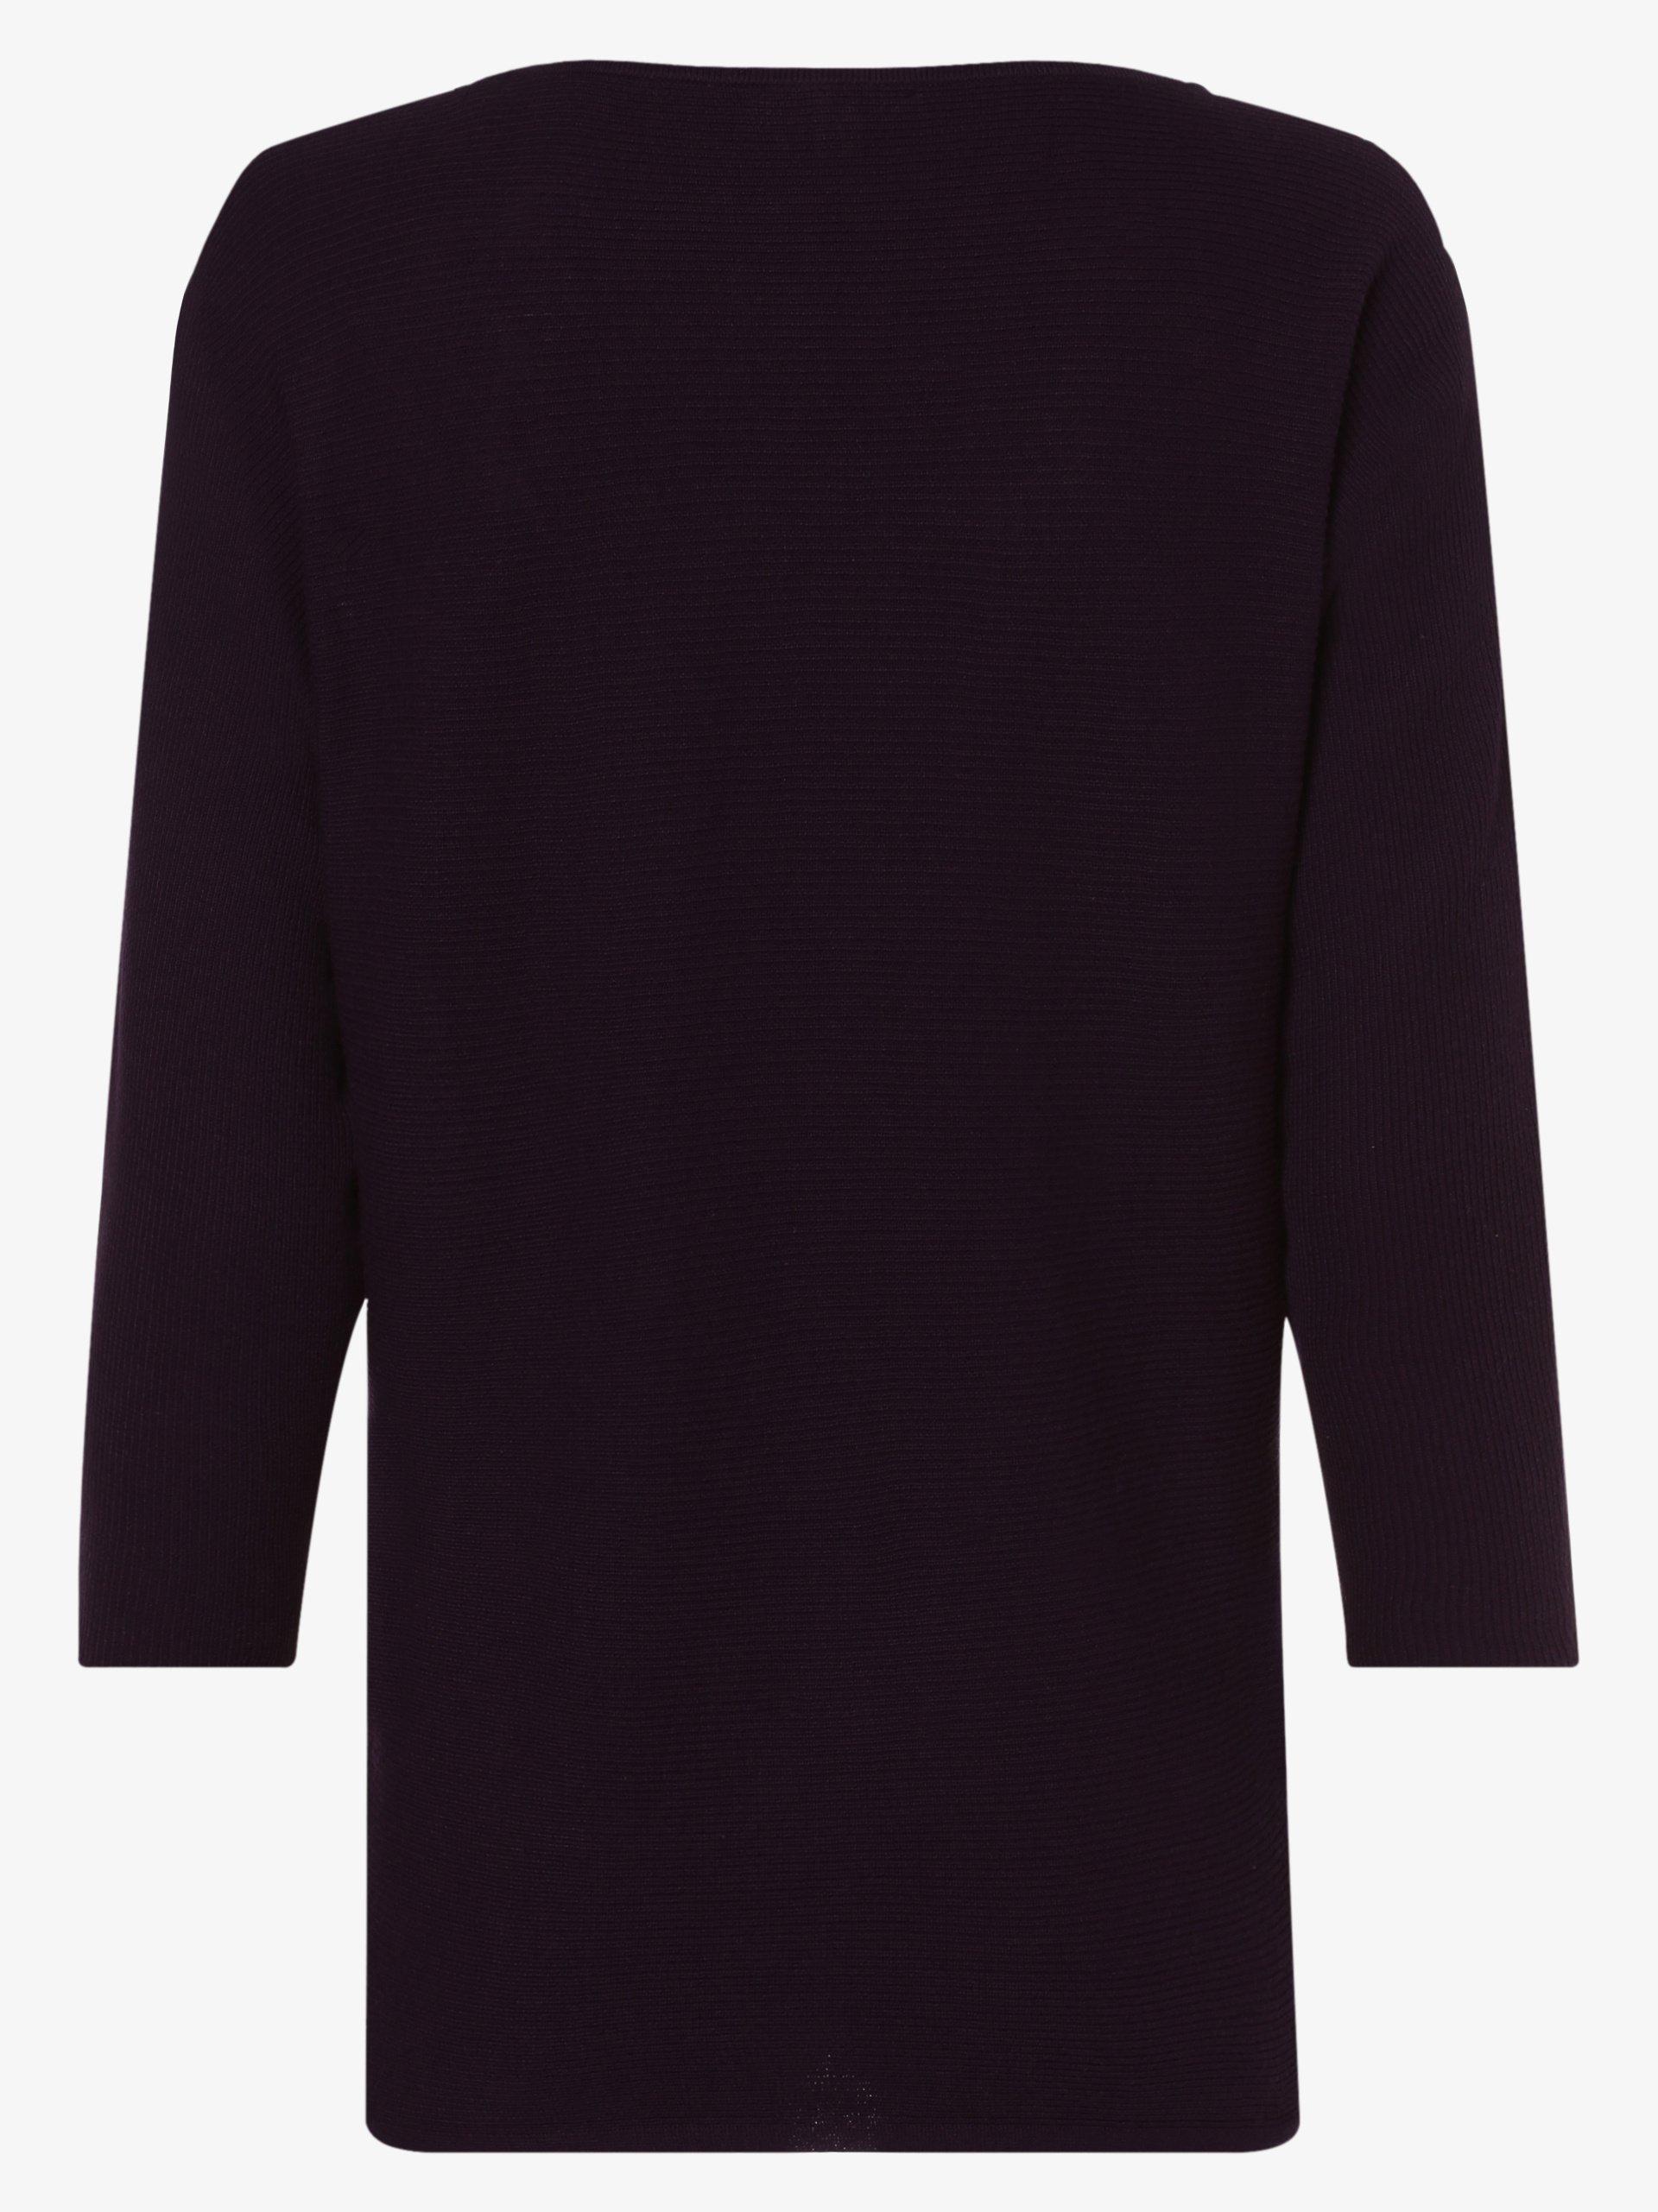 Opus Damen Pullover - Pusine